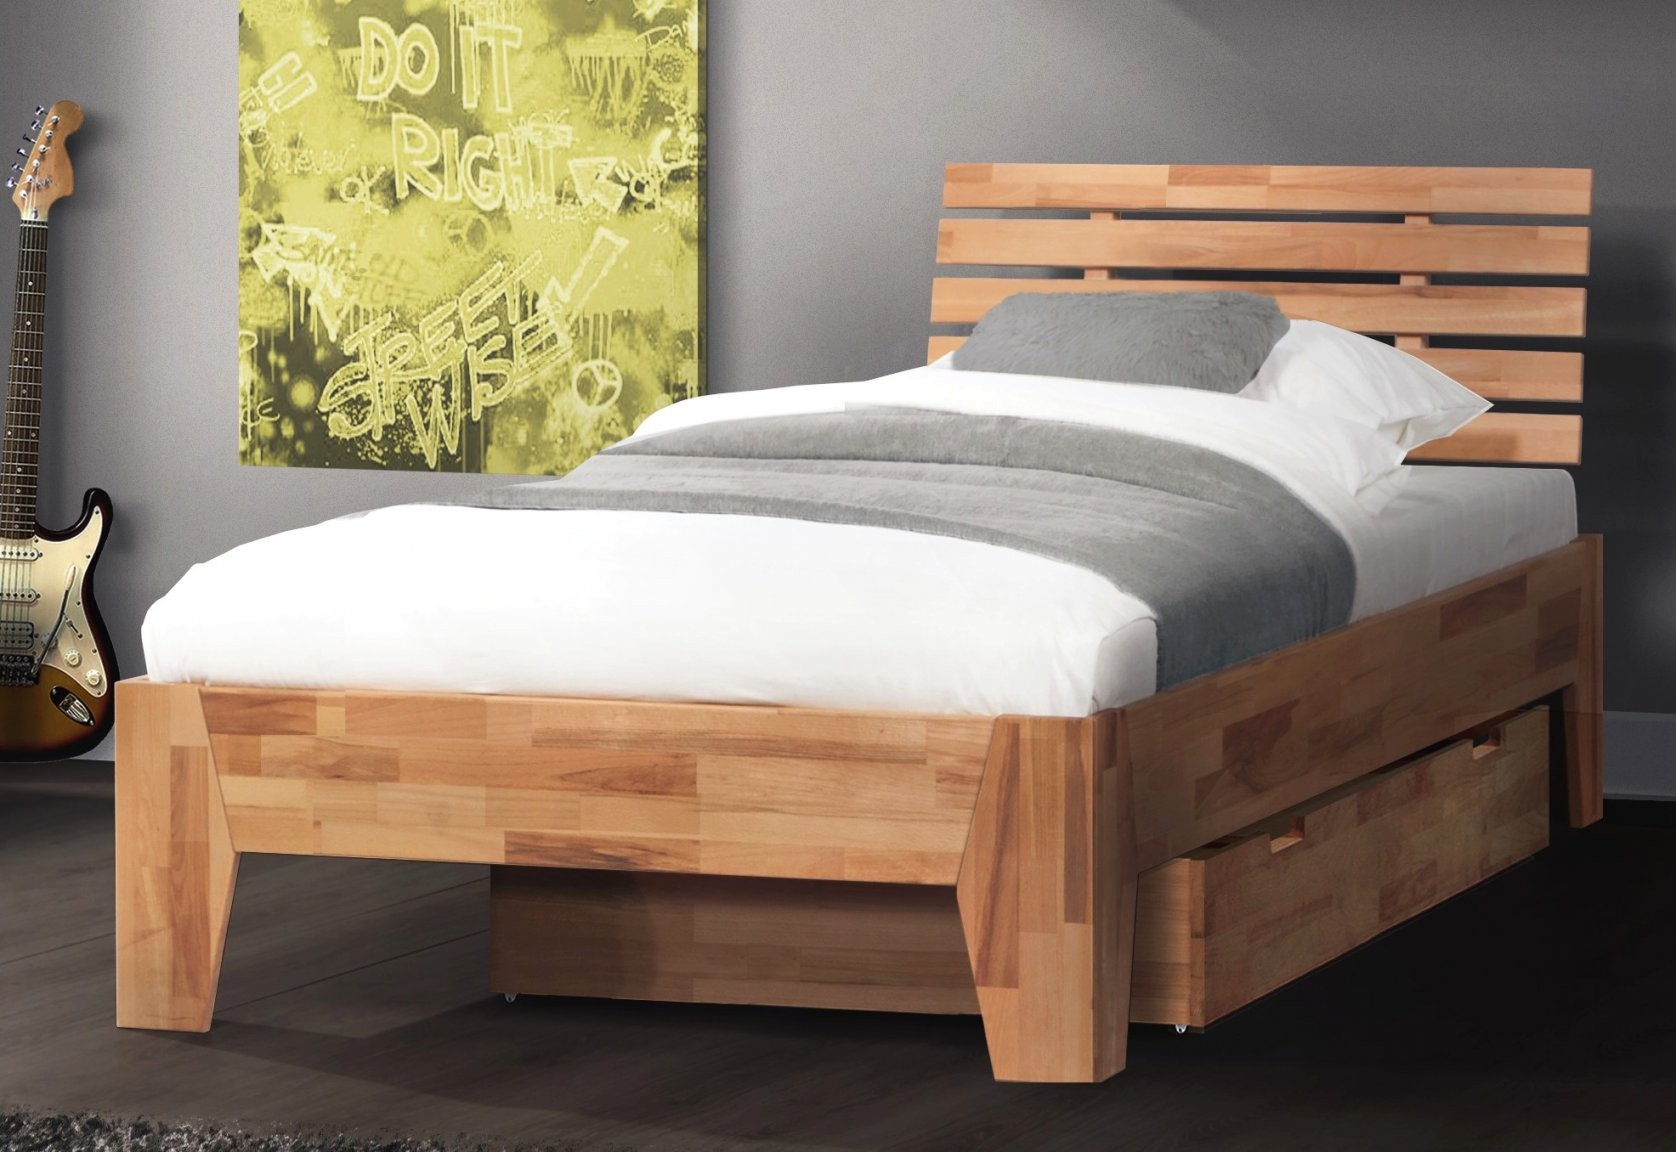 Betten Mit Matratze Und Lattenrost 140X200 Schockierend Auf Kreative von Bett 140X200 Mit Matratze Und Lattenrost Günstig Bild